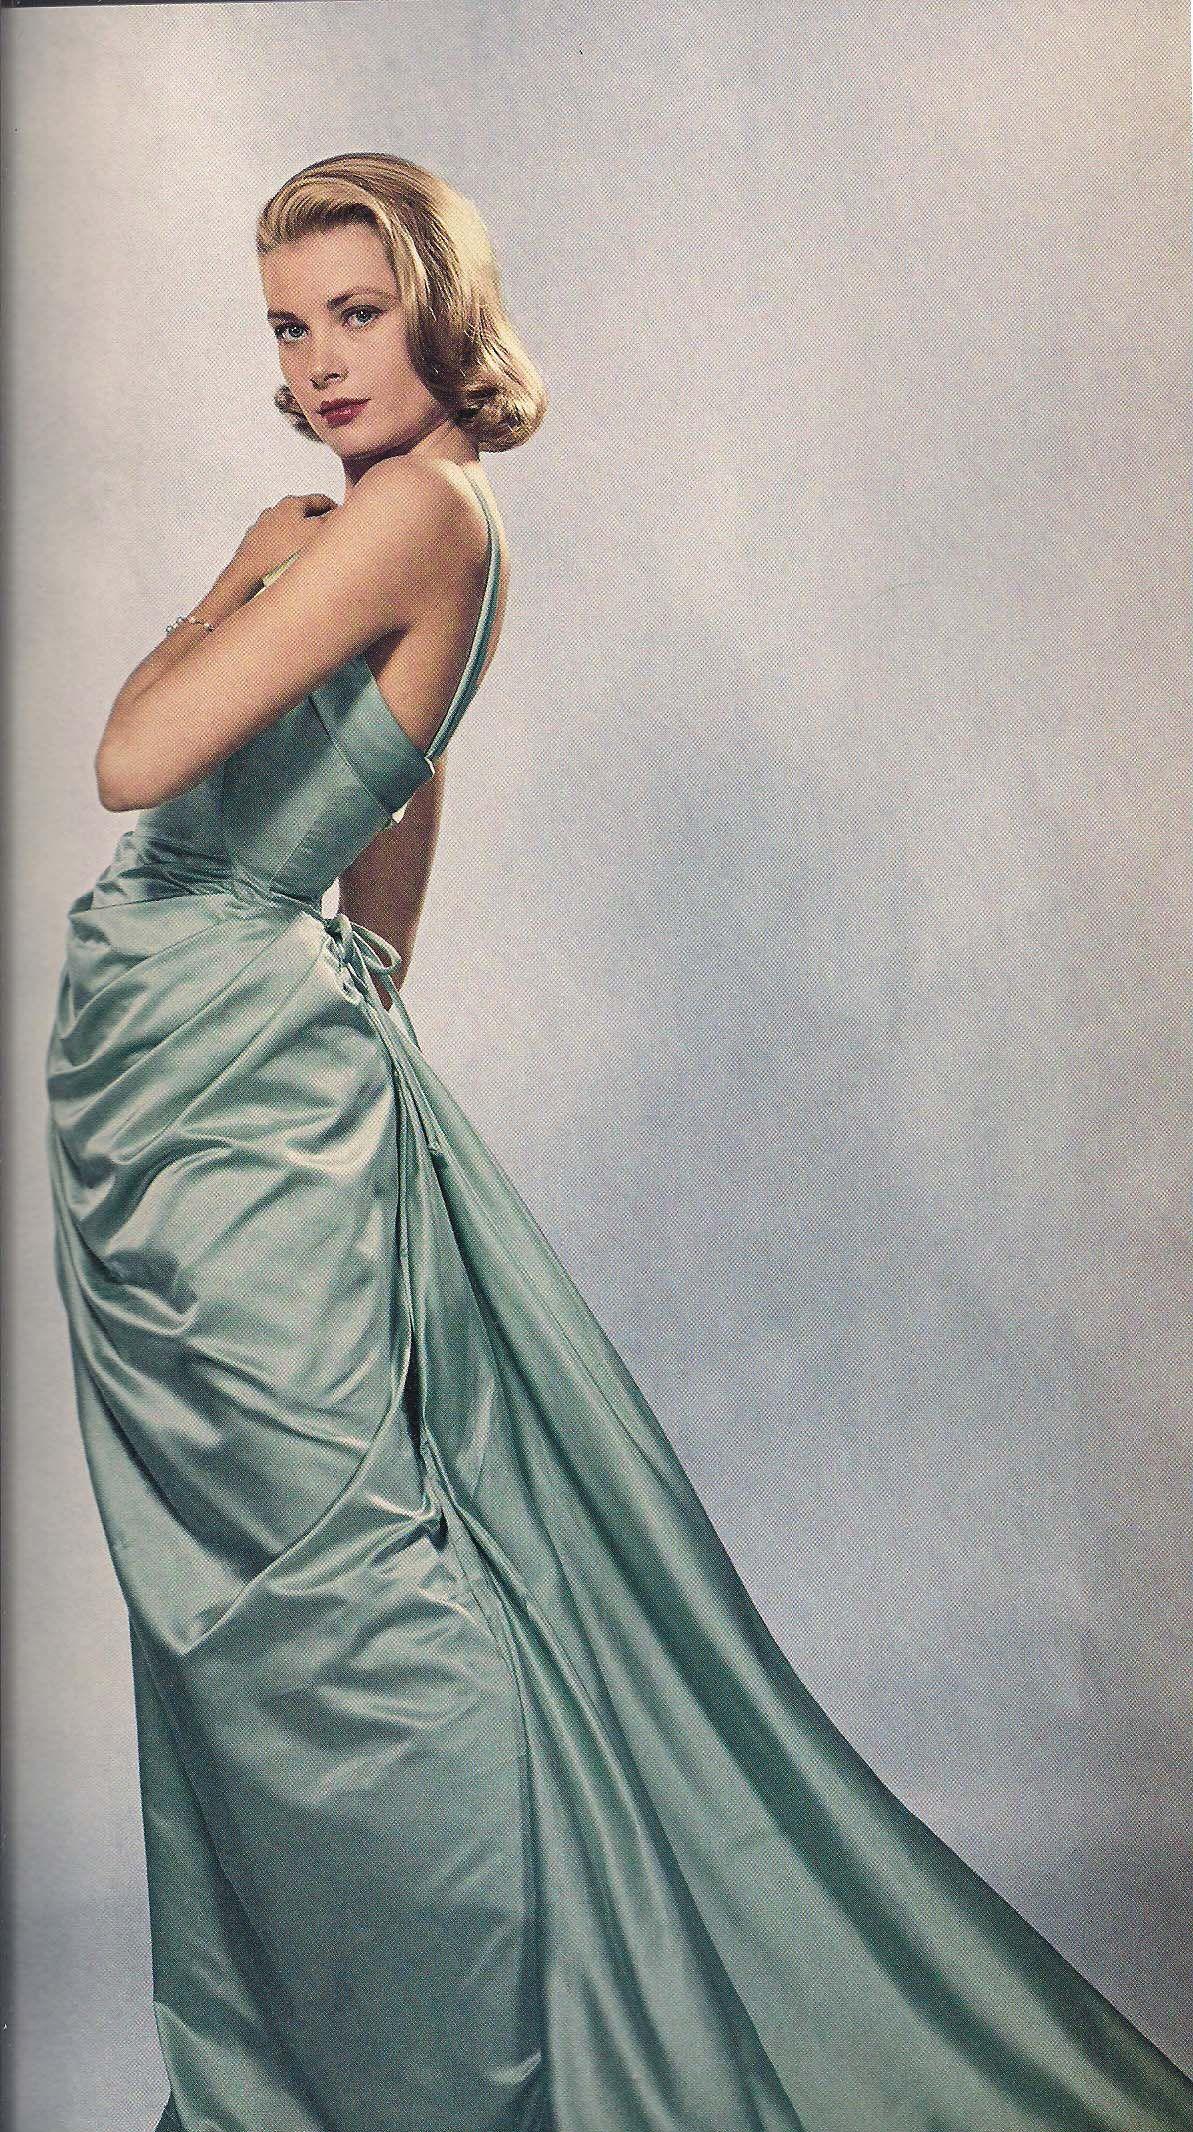 e7554add1b29 Grace Kelly - Blue gown